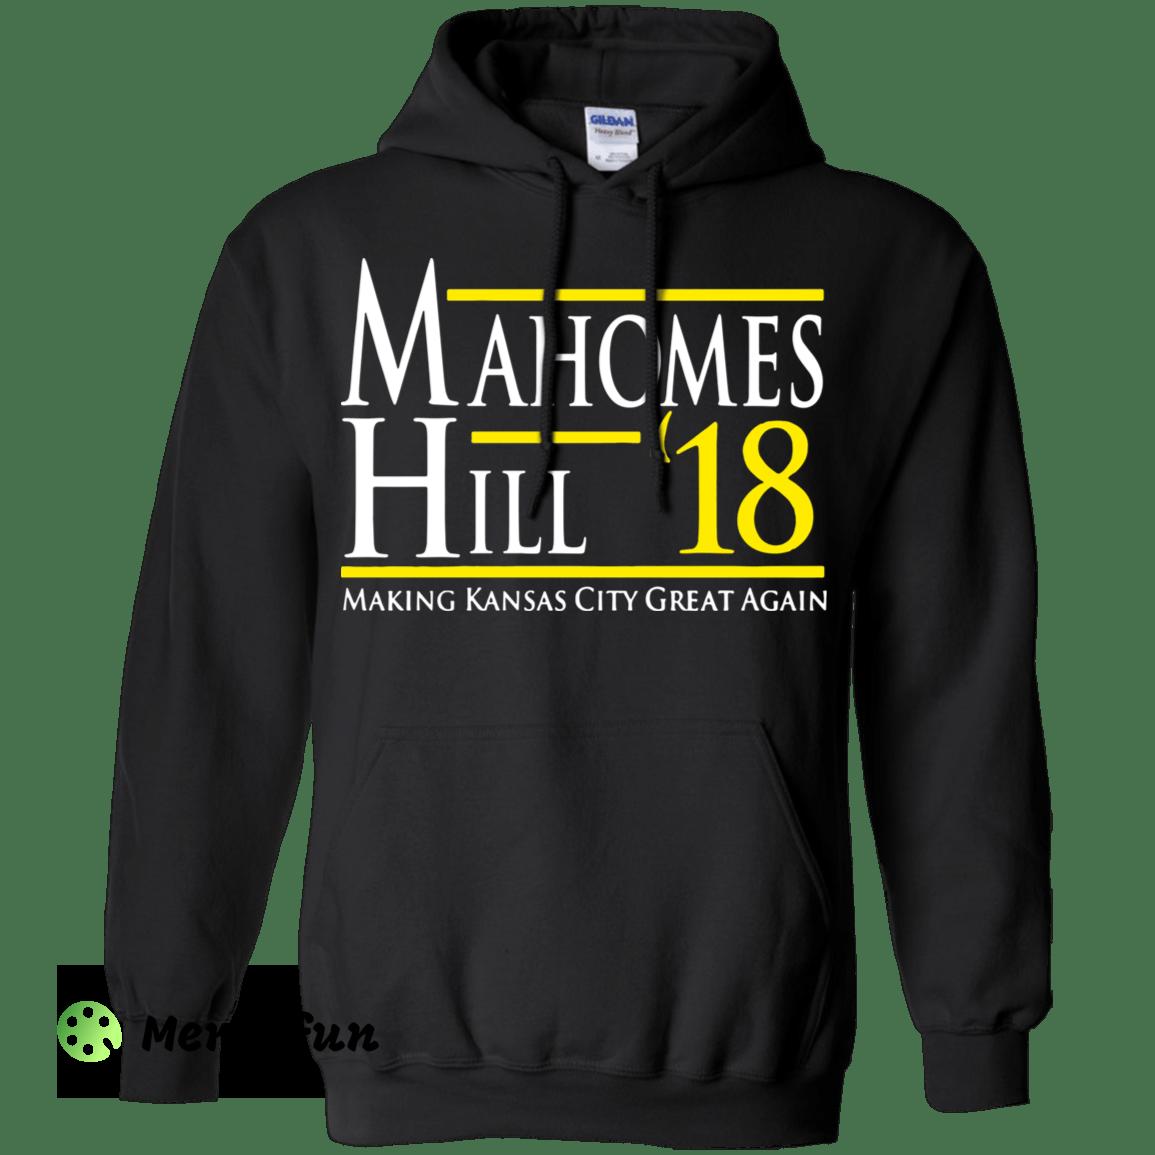 Mahomes Hill 18 Making Kansas City Great Again shirt Hoodie